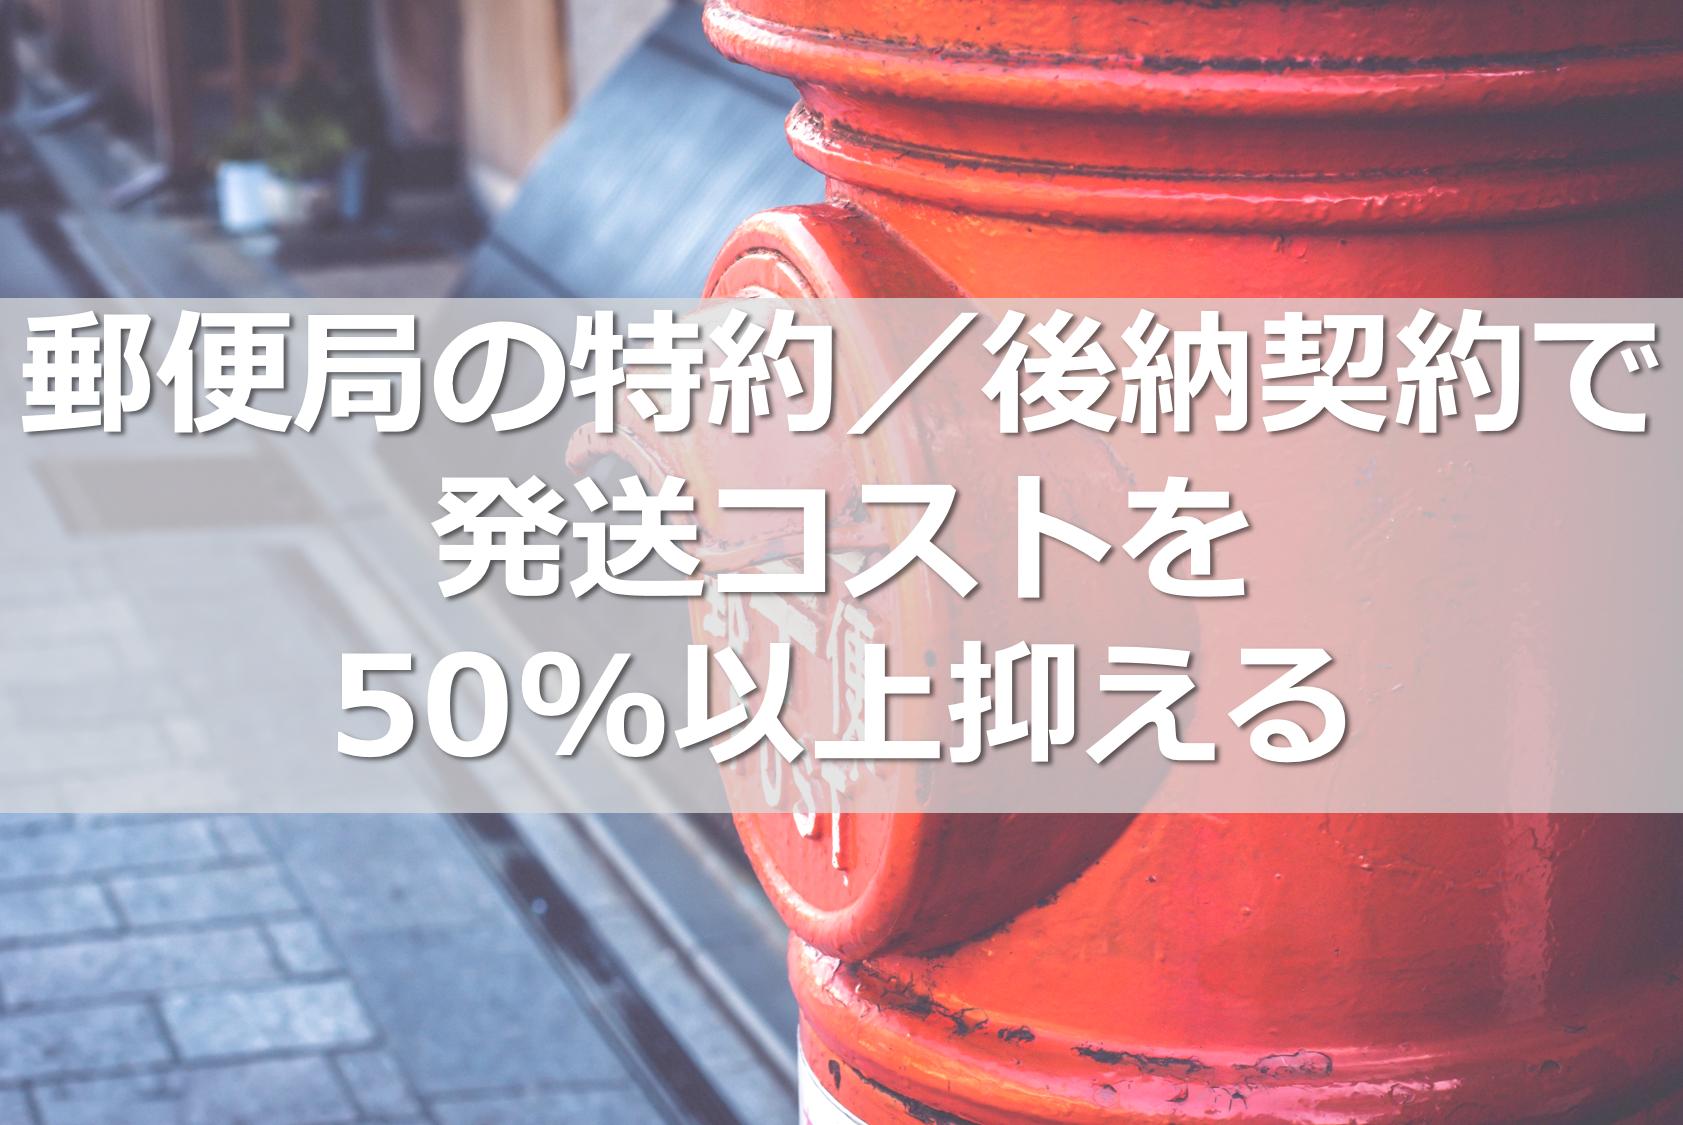 郵便局の特約/後納契約で発送コストを50%以上抑える